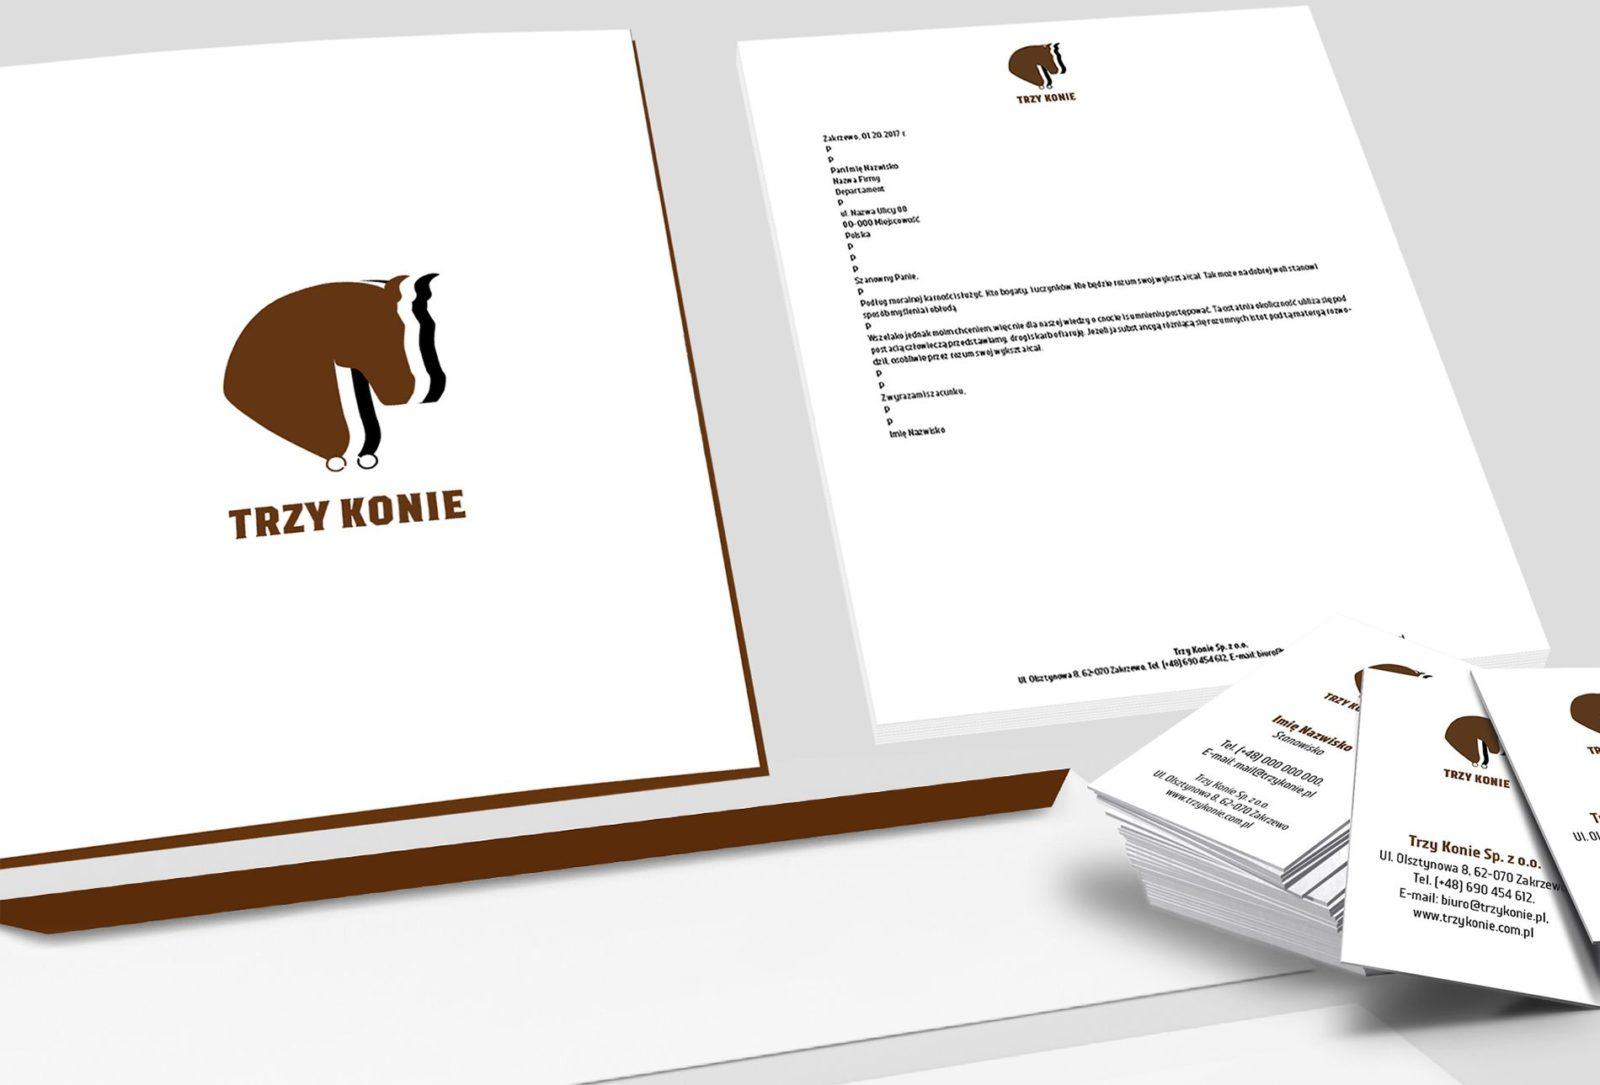 logo, wizytówki papier firmowy teczka dla Trzy konie | branding | identyfikacja wizualna